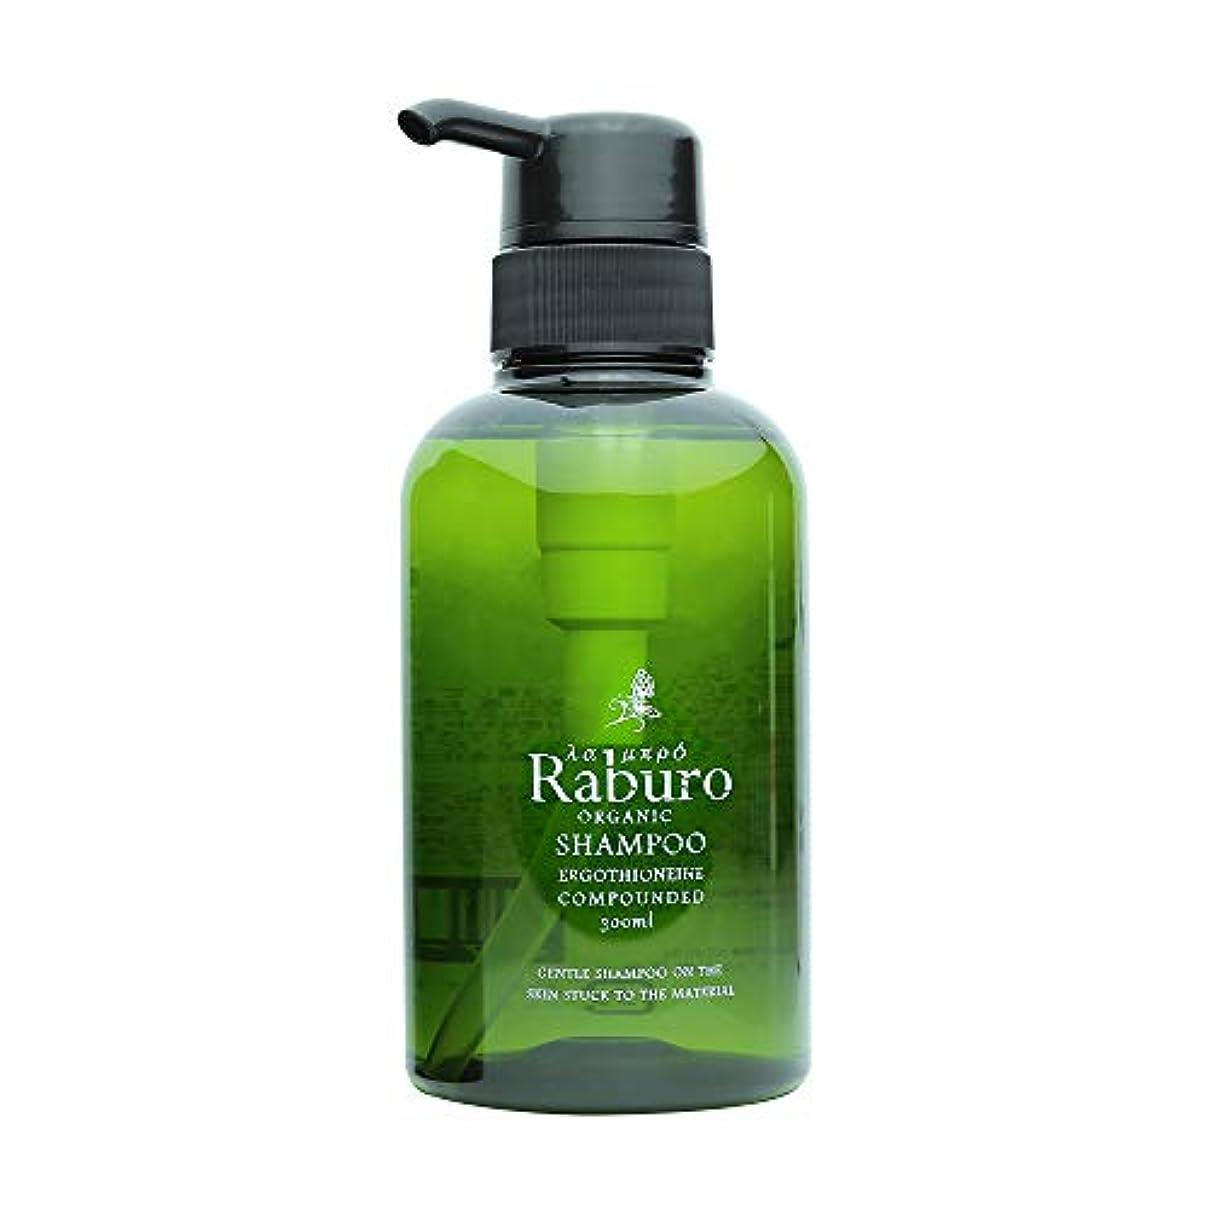 安全性評価するジャングルラブロ(Raburo)オーガニックシャンプー 300ml 【男性/女性/子供兼用】髪と頭皮にやさしい15の無添加 低刺激 弱酸性 アミノ酸 ノンシリコン 天然由来成分